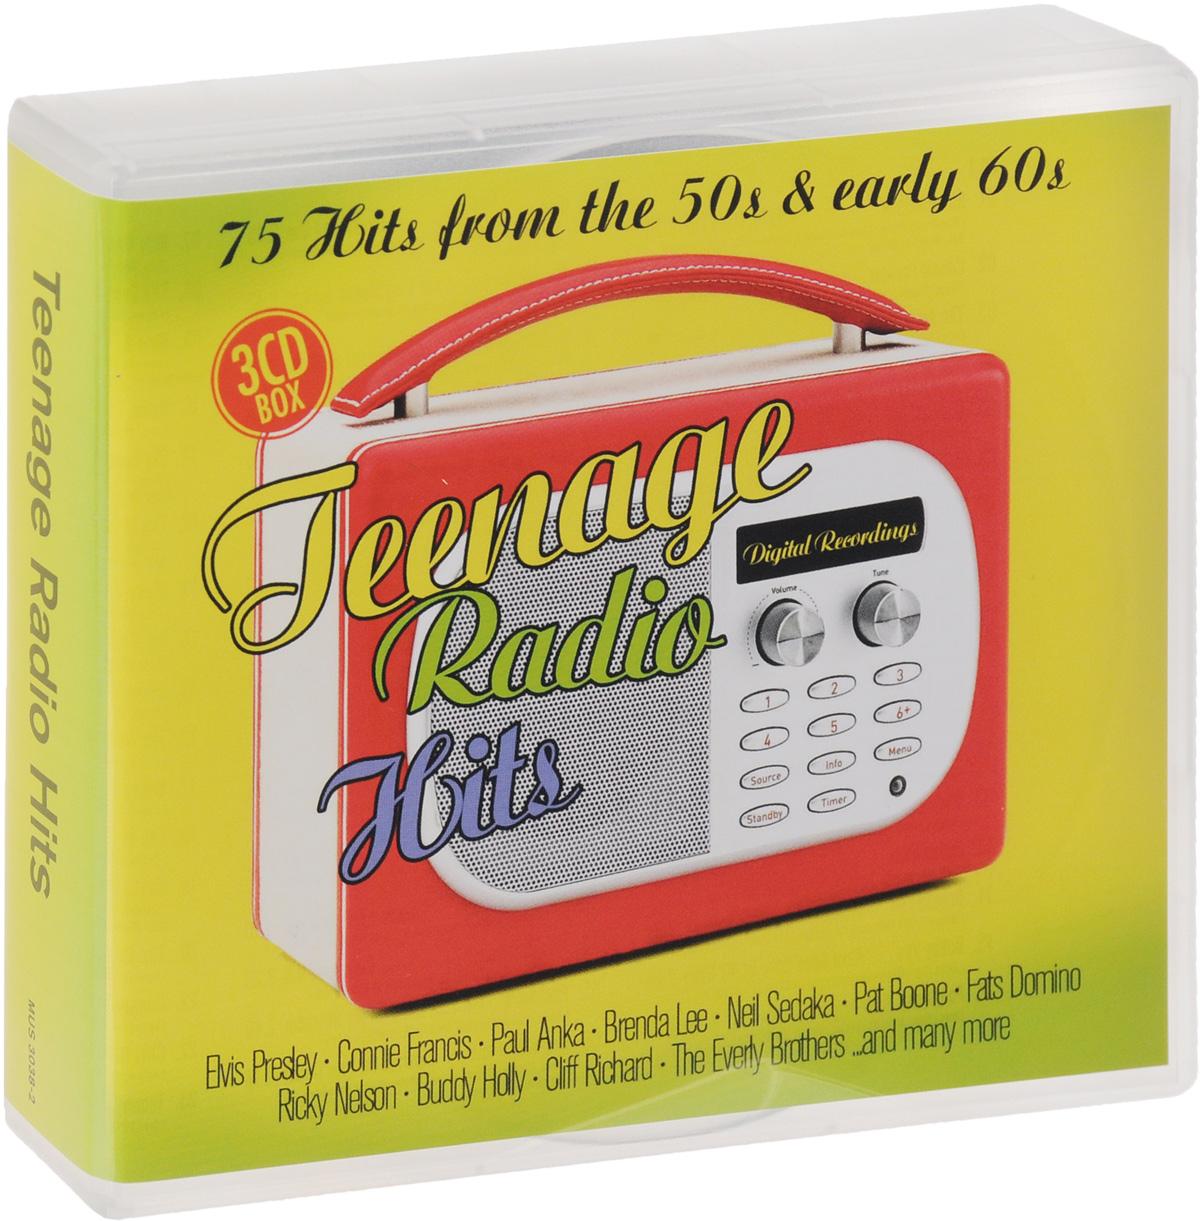 """Рики Нельсон,Конни Фрэнсис,""""The Kalin Twins"""",Нил Седака,Гай Митчелл,Пэт Бун,Элвис Пресли,""""The Everly Brothers"""",""""The Platters"""",Фэтс Домино,Хелен Шапиро,Бадди Холли,Бренда Ли,Пол Анка,""""Dion And The Belmonts"""",Робин Люк,Биг Боппер,""""The Marvelettes"""",""""The Chordettes"""",Бобби Фримен,""""The Mcguire Sisters"""",""""The Teddy Bears"""",Сэнди Нельсон,Брайан Хайлэнд,Бобби Дарин,""""The Teenagers"""",Фрэнки Лимон,Фрэнки Авалон,Чабби Чеккер,Рэй Чарльз,The Zodiacs Teenage Radio Hits (3 CD)"""